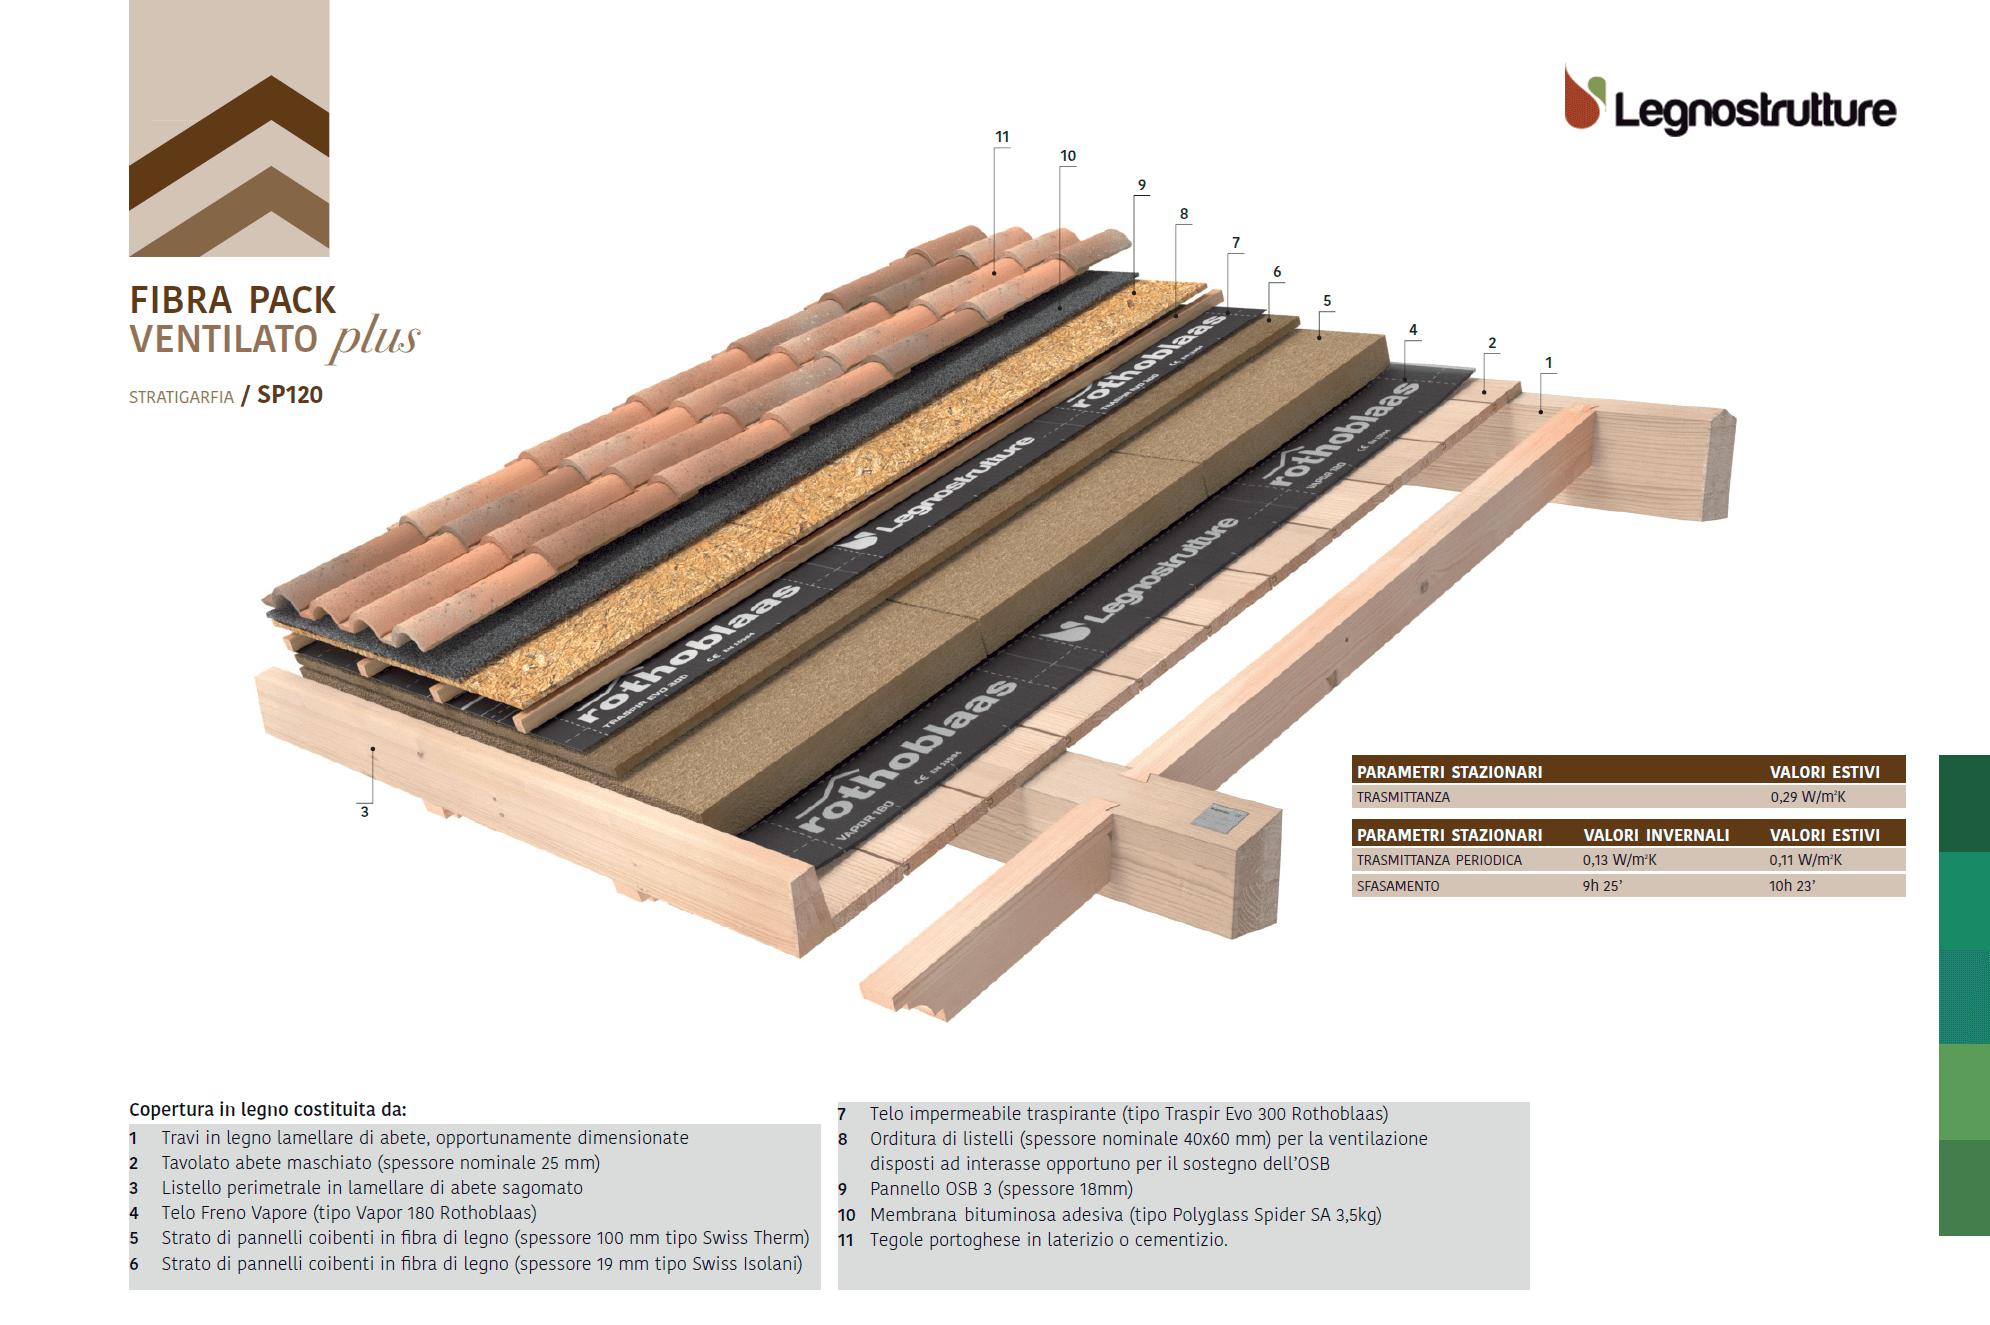 Stratigrafia tetto in legno fibra pack ventilato plus